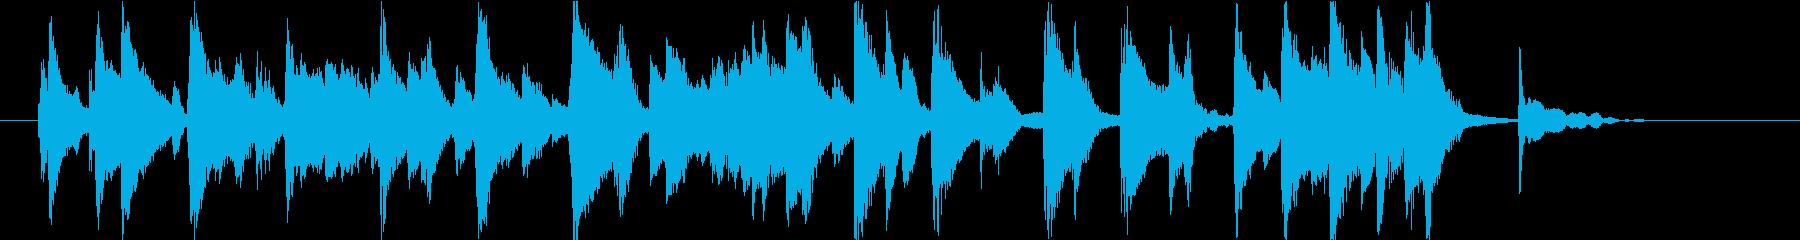 くだけた印象のピアノの再生済みの波形